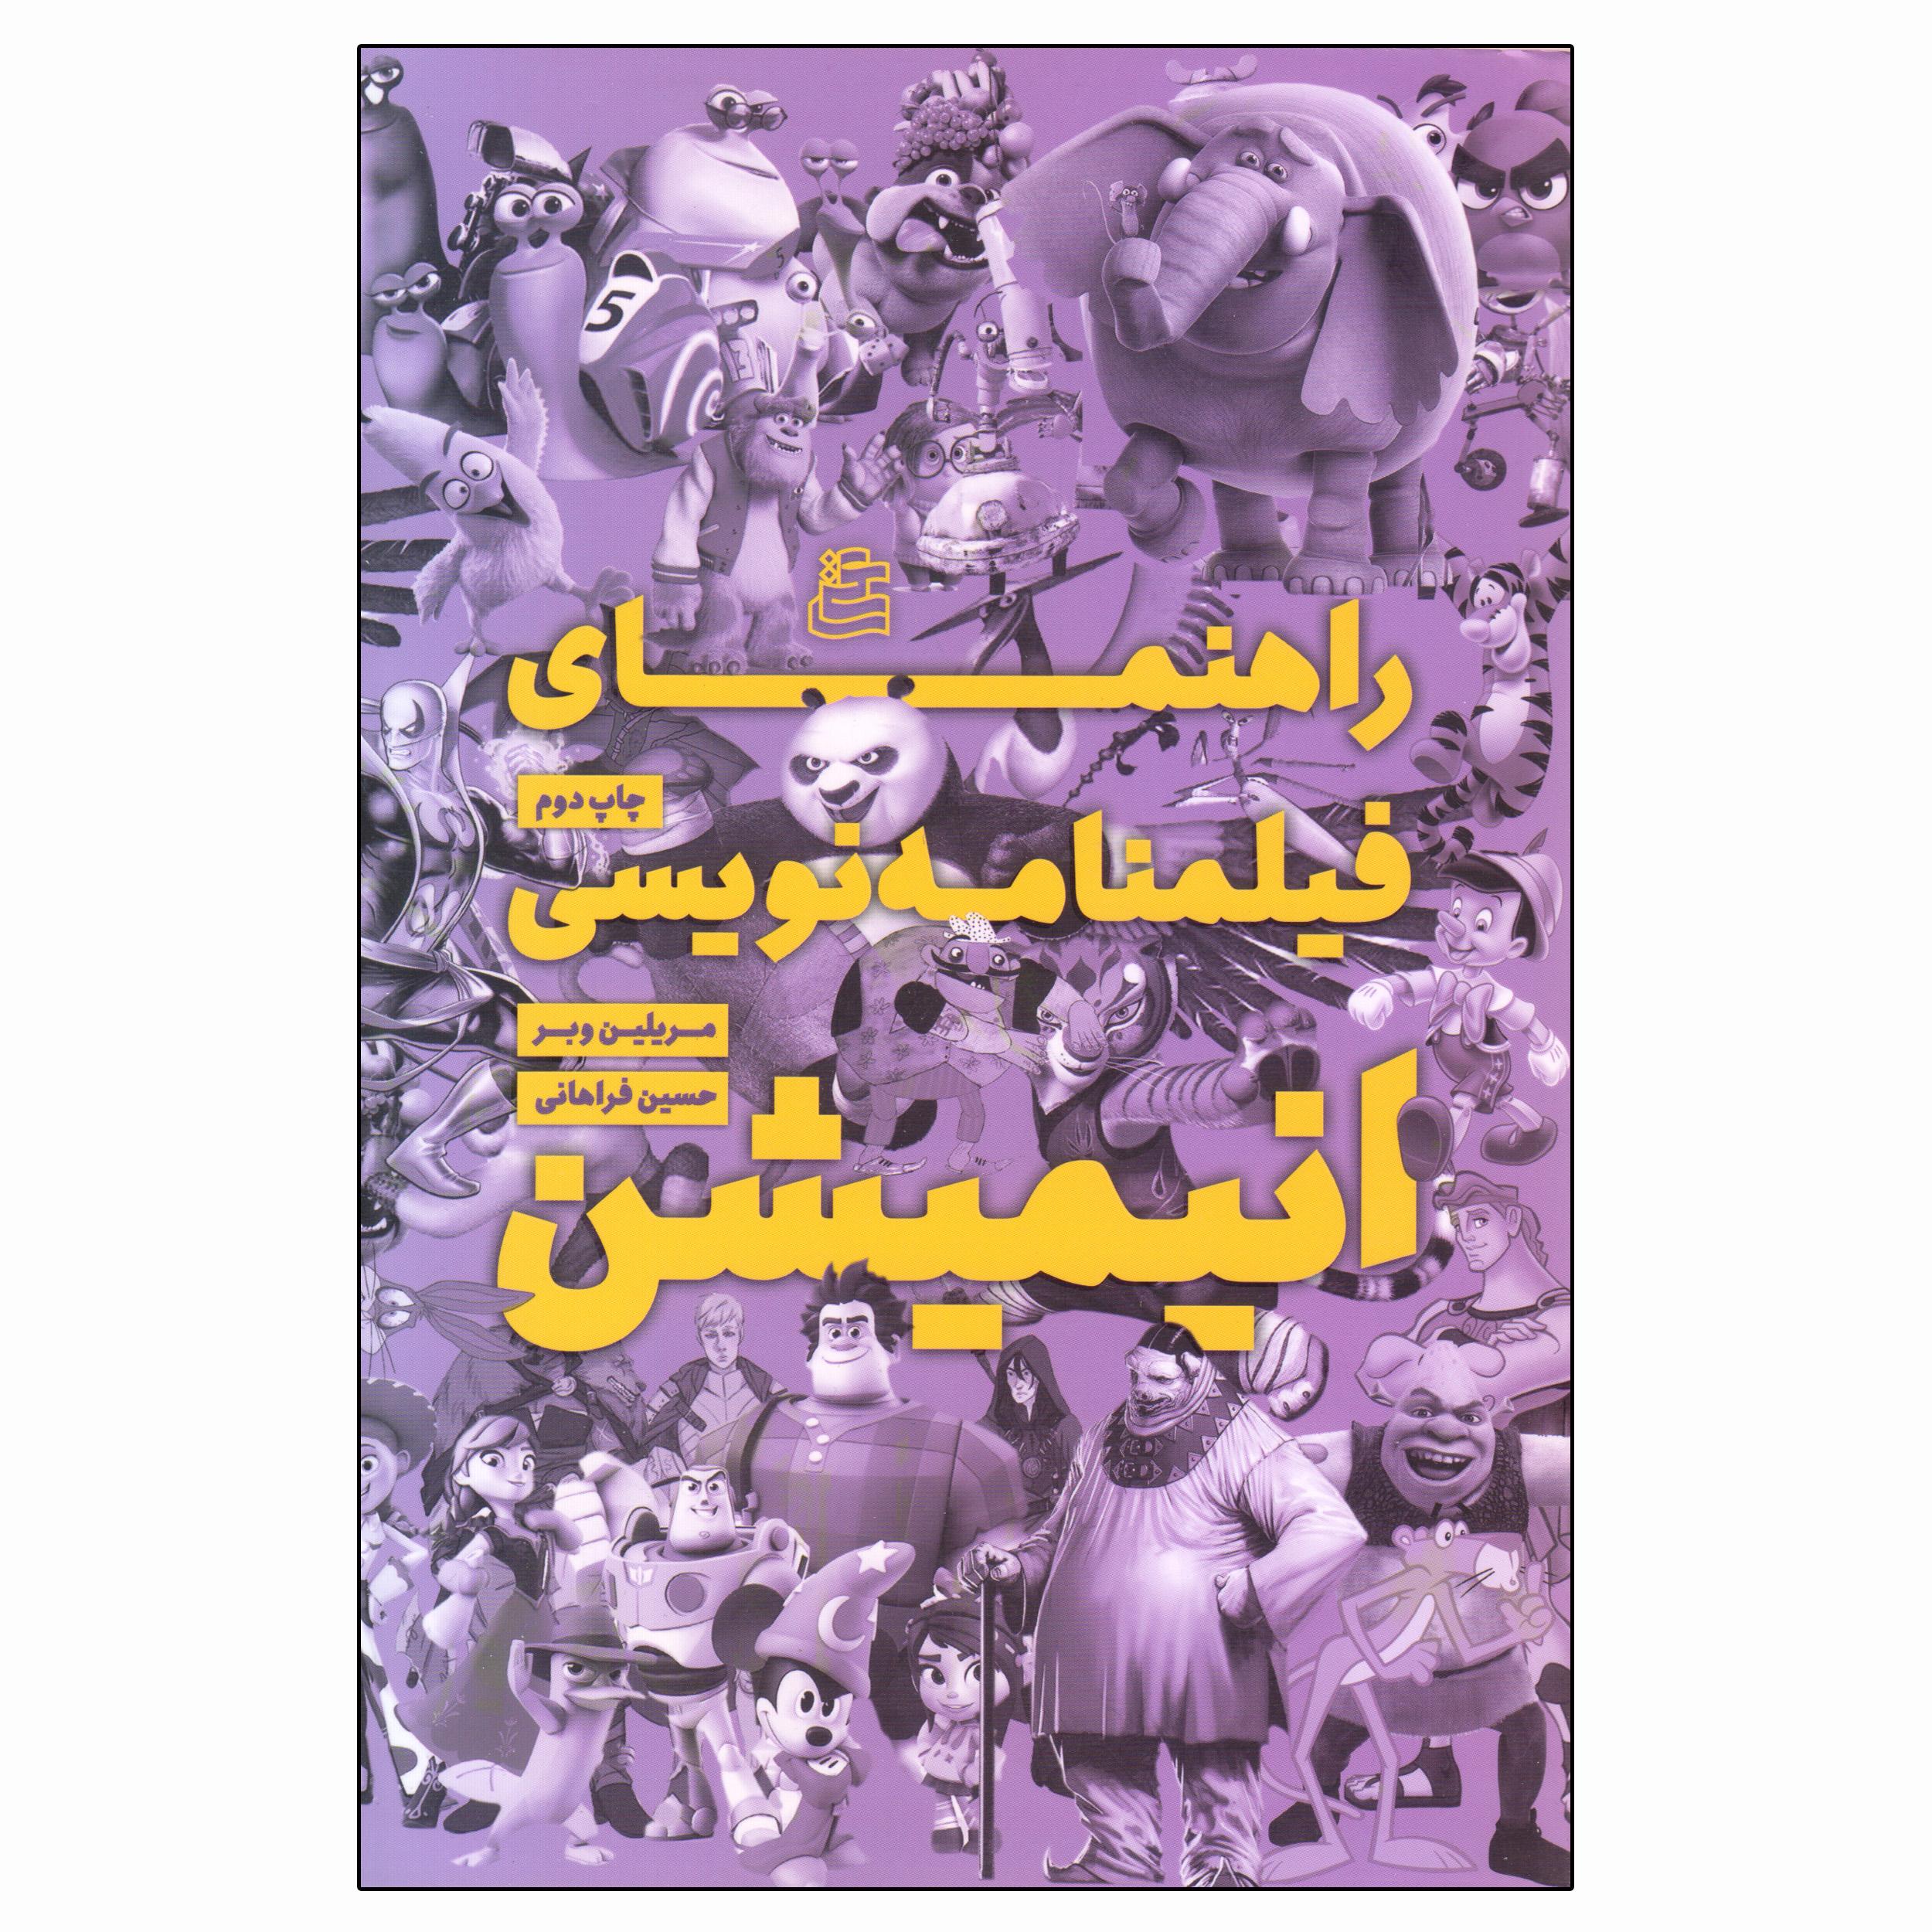 خرید                      کتاب راهنمای فیلمنامه نویسی انیمیشن اثر مریلین وبر انتشارات ساقی